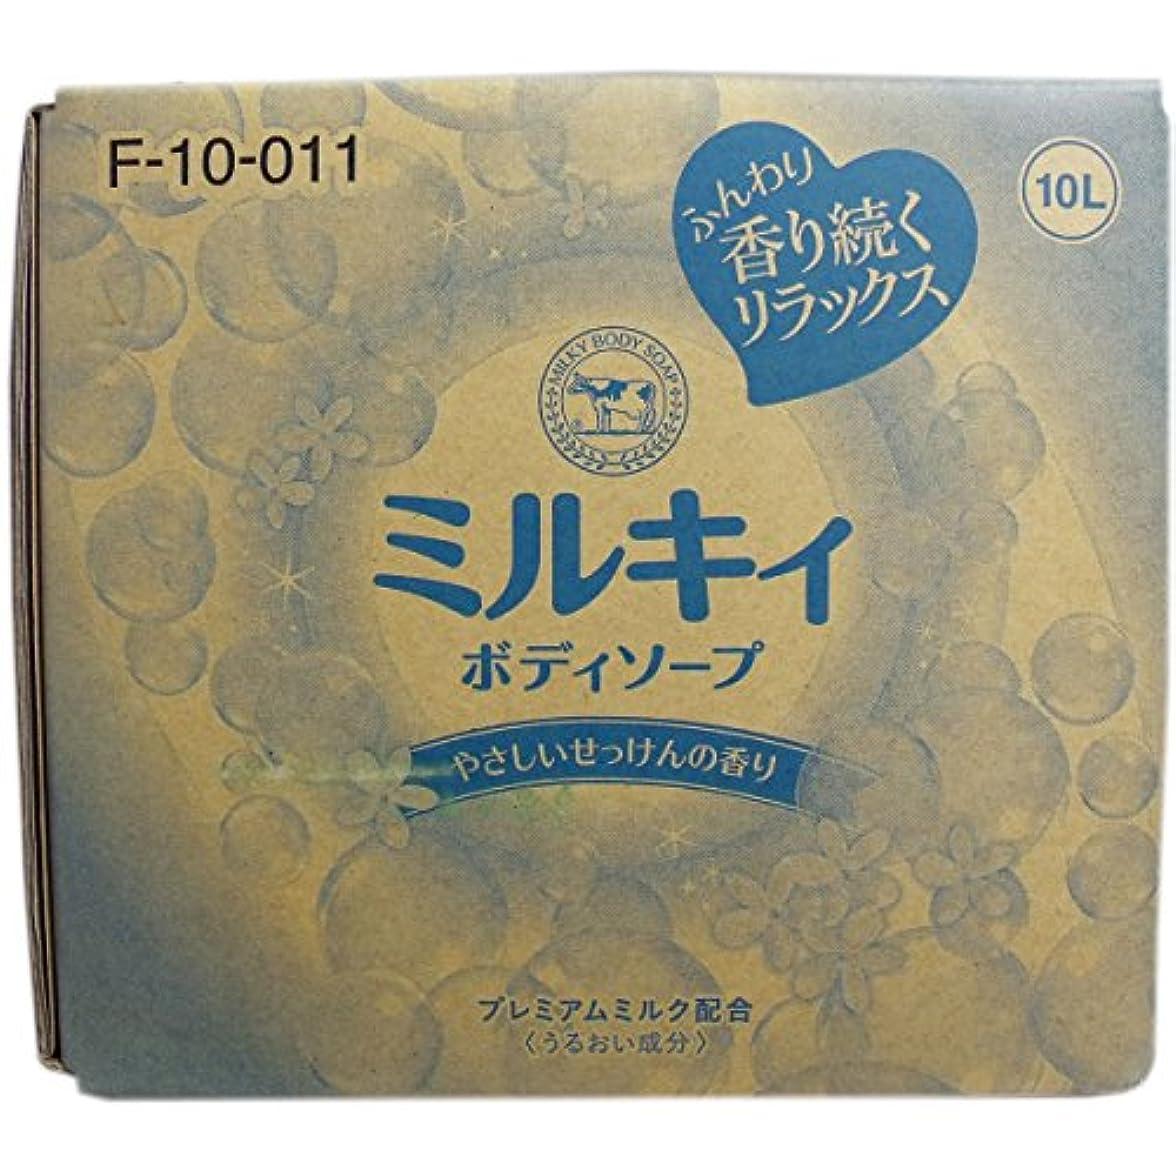 中央容量三番ミルキィ ボディソープ やさしいせっけんの香り 業務用 10L